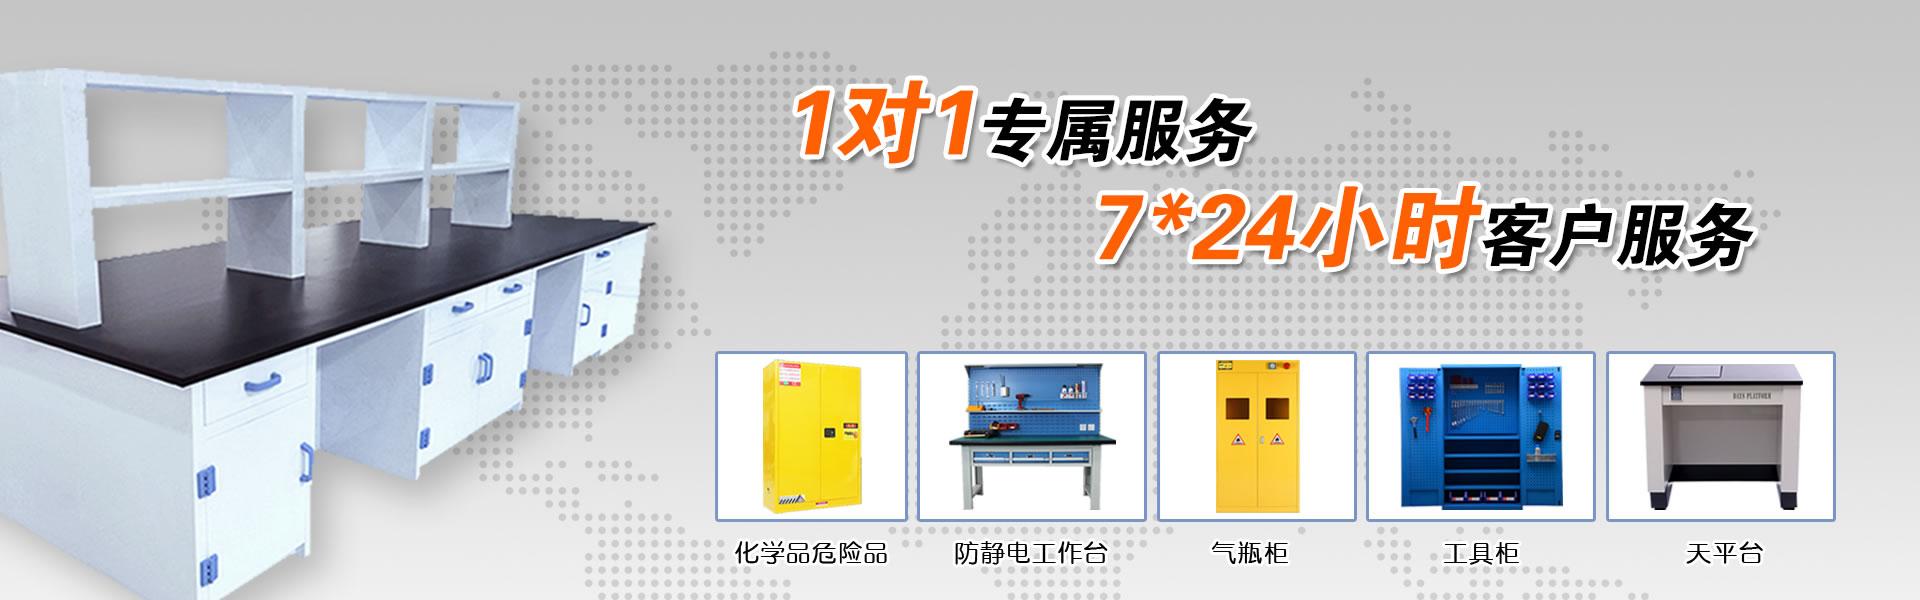 上海鑫睿实验室设备系统有限公司